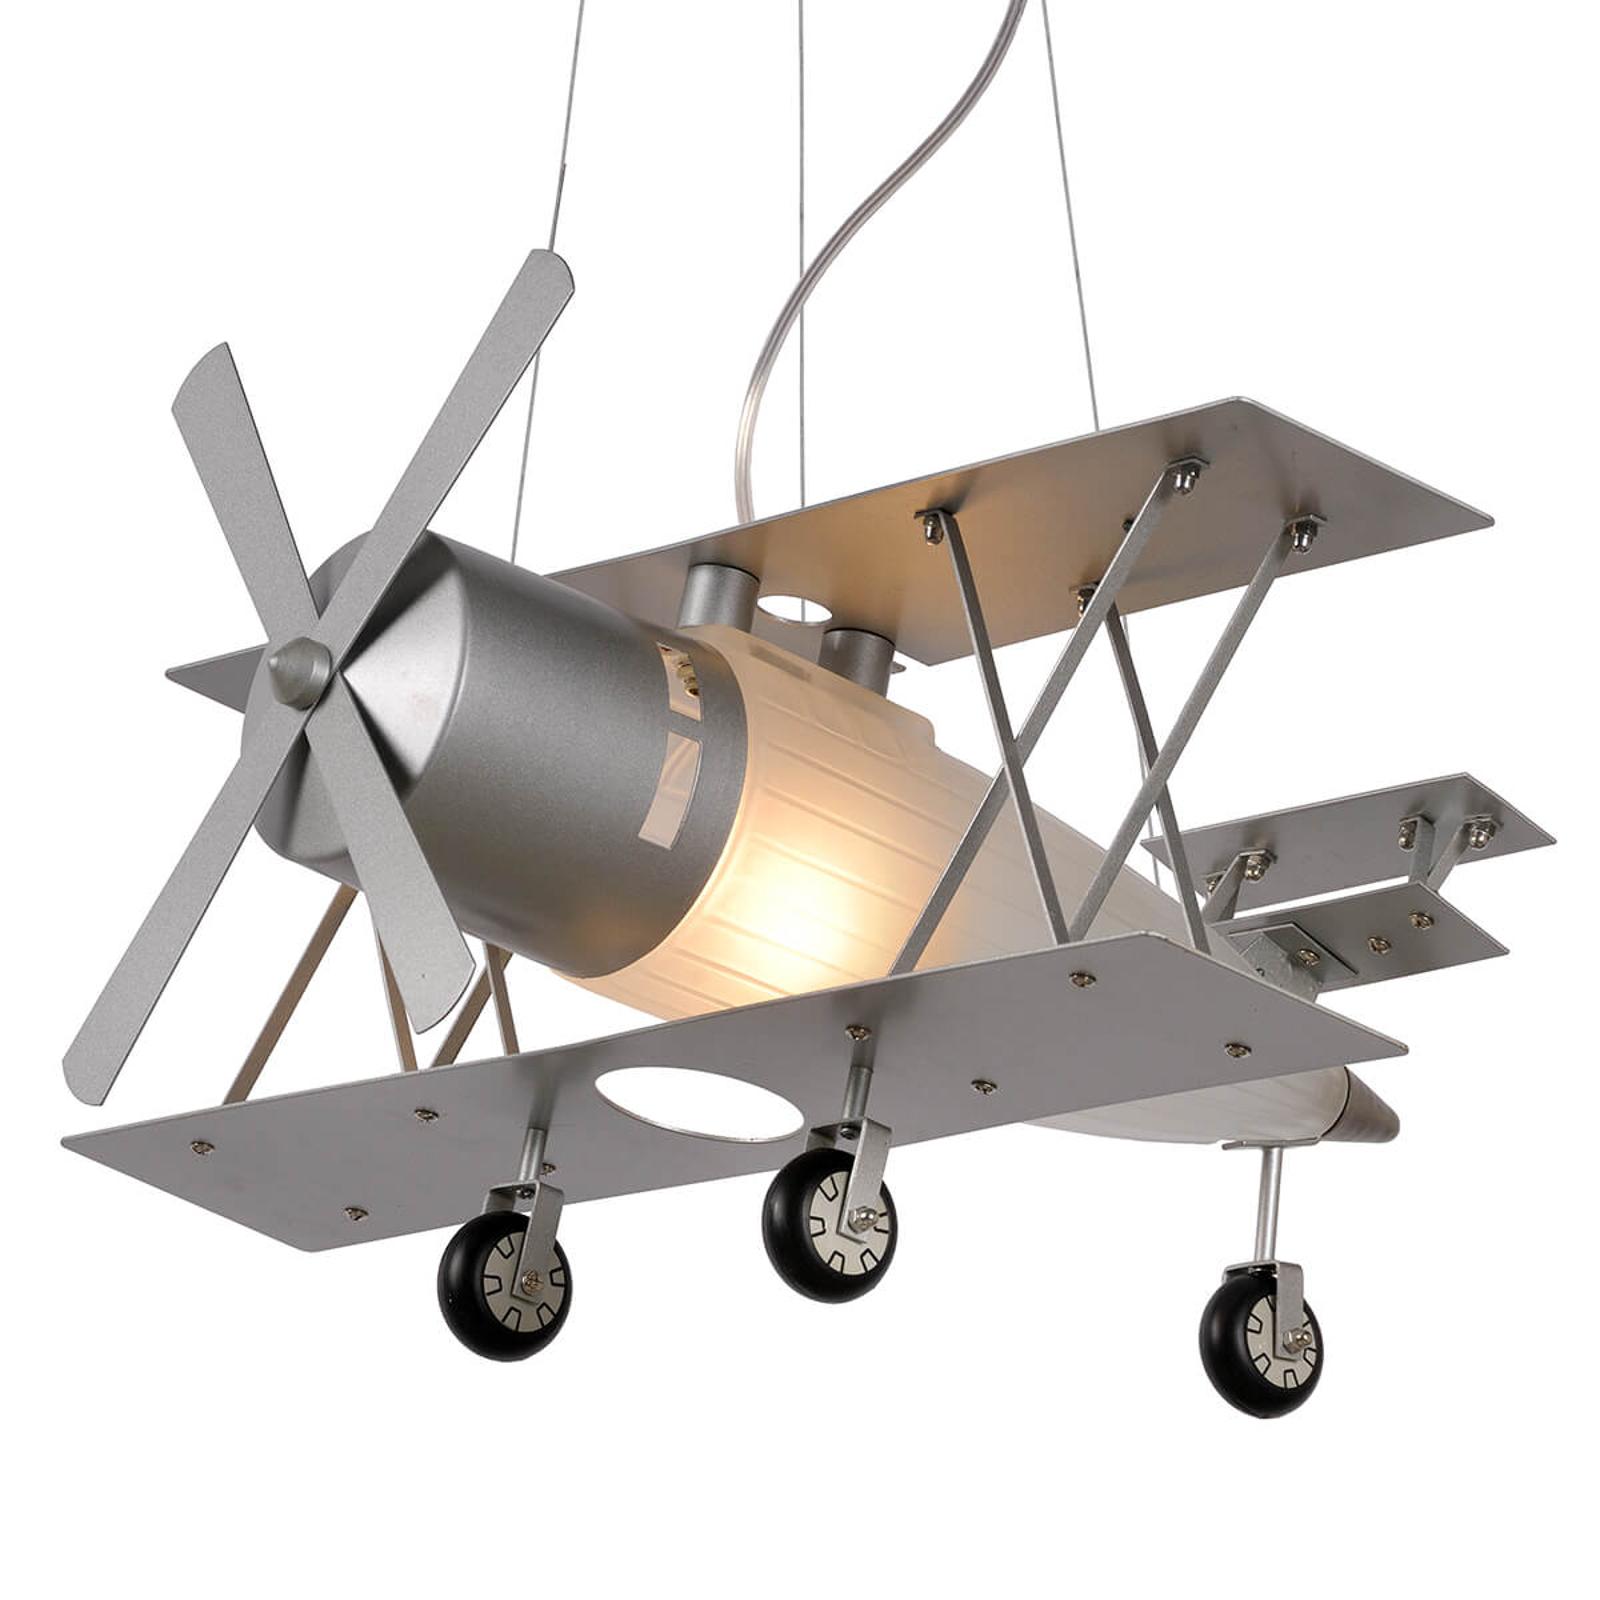 Lampada a sospensione a forma di aereo Focker